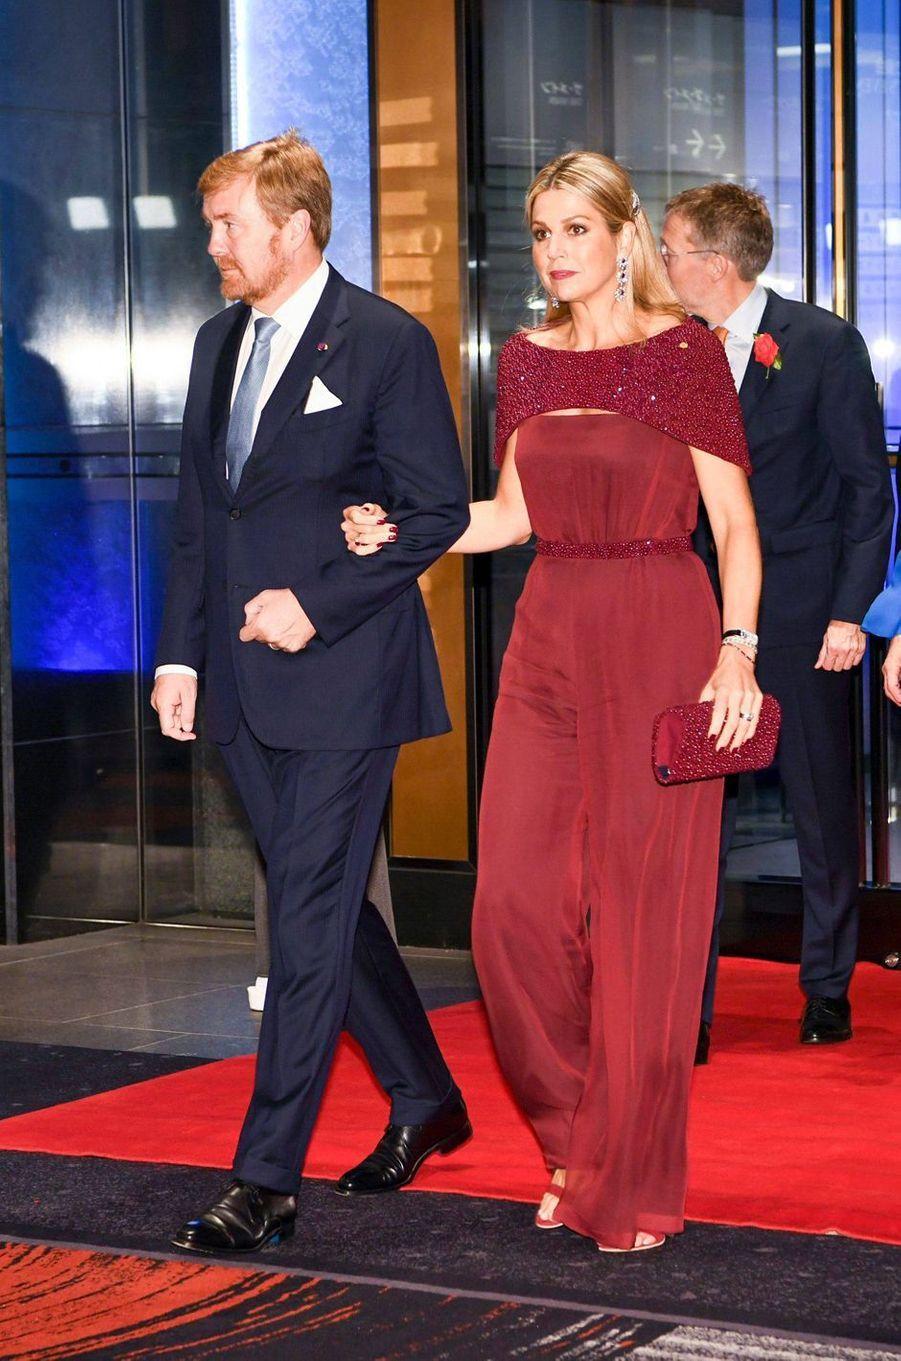 La reine Maxima et le roi Willem-Alexander des Pays-Bas, à Tokyo le 23 octobre 2019